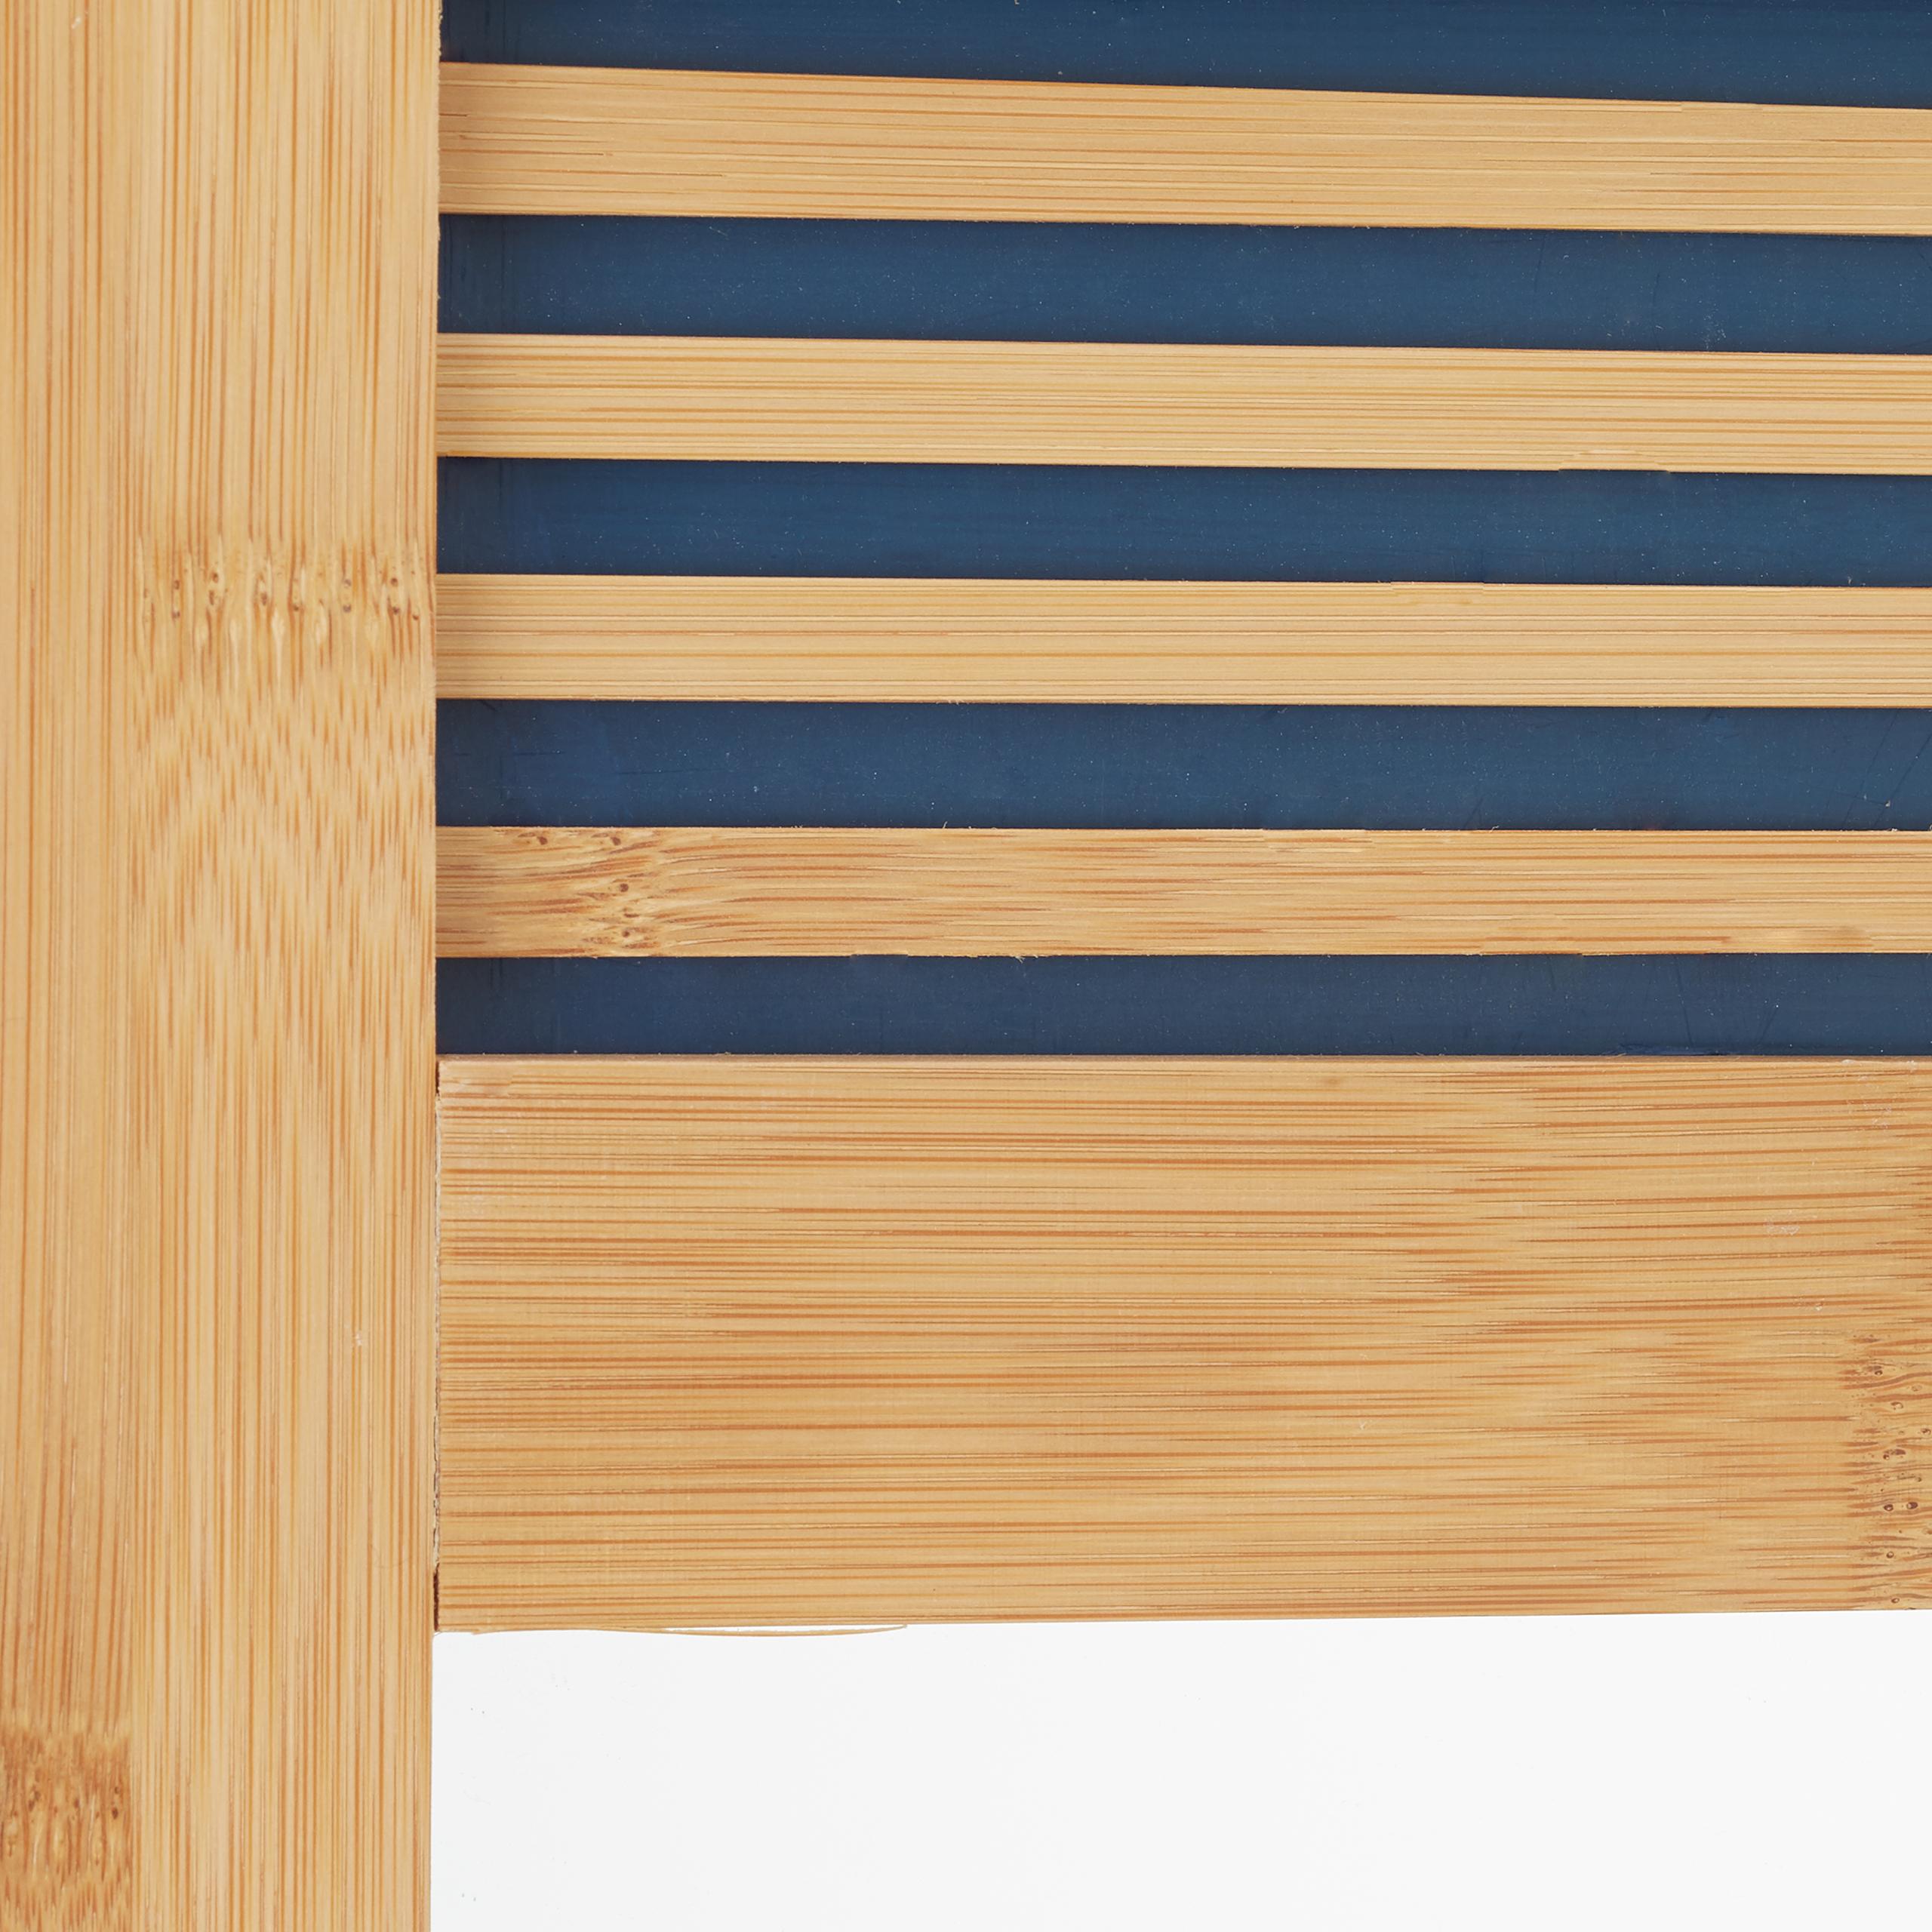 Badezimmerspiegel Holz Mit Ablage: Badspiegel Mit Ablage, Bambus Badezimmerspiegel